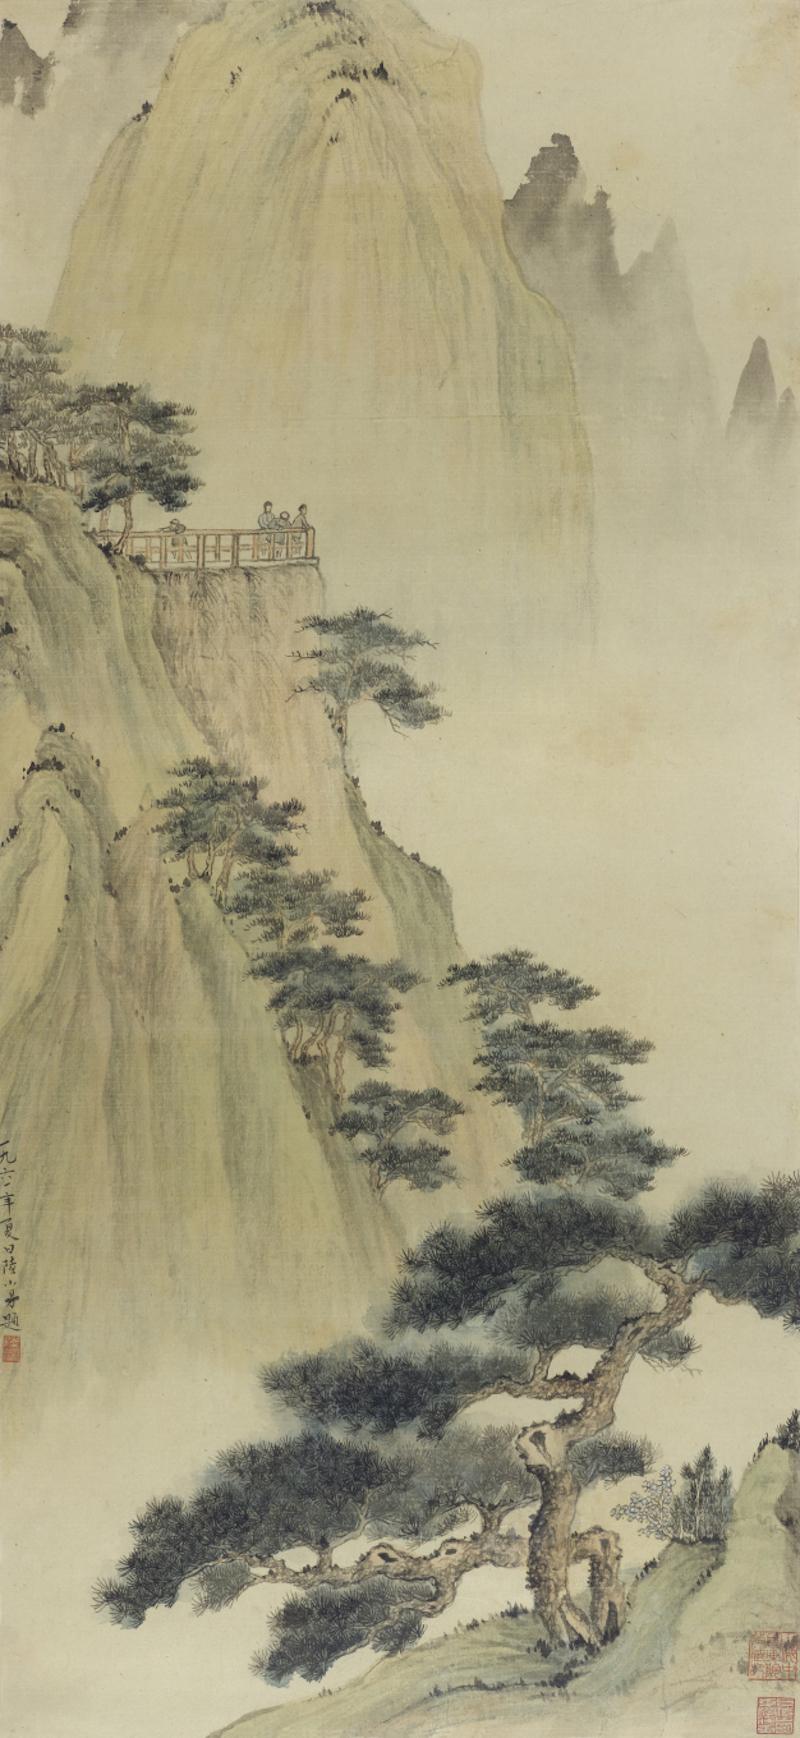 黄山清凉台(上海中国画院藏)